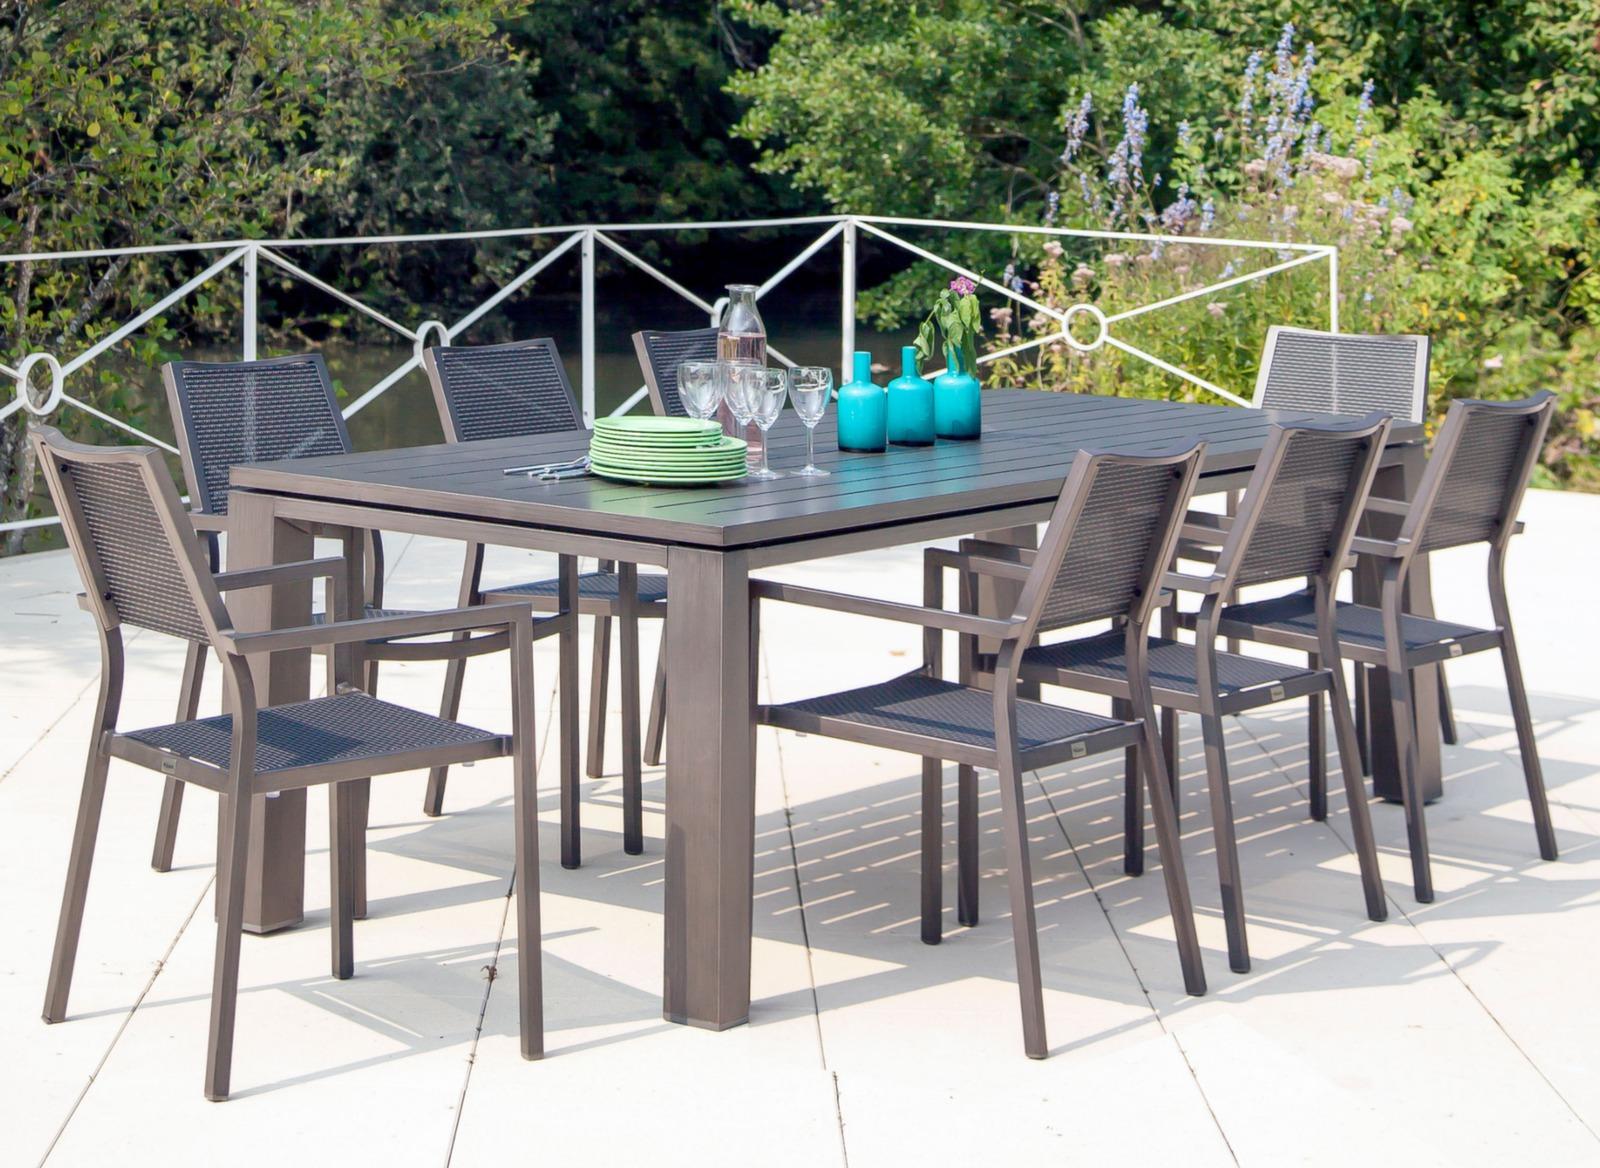 Table fiero 180 x 100 cm tables de jardin meubles de for Achat mobilier de jardin en ligne